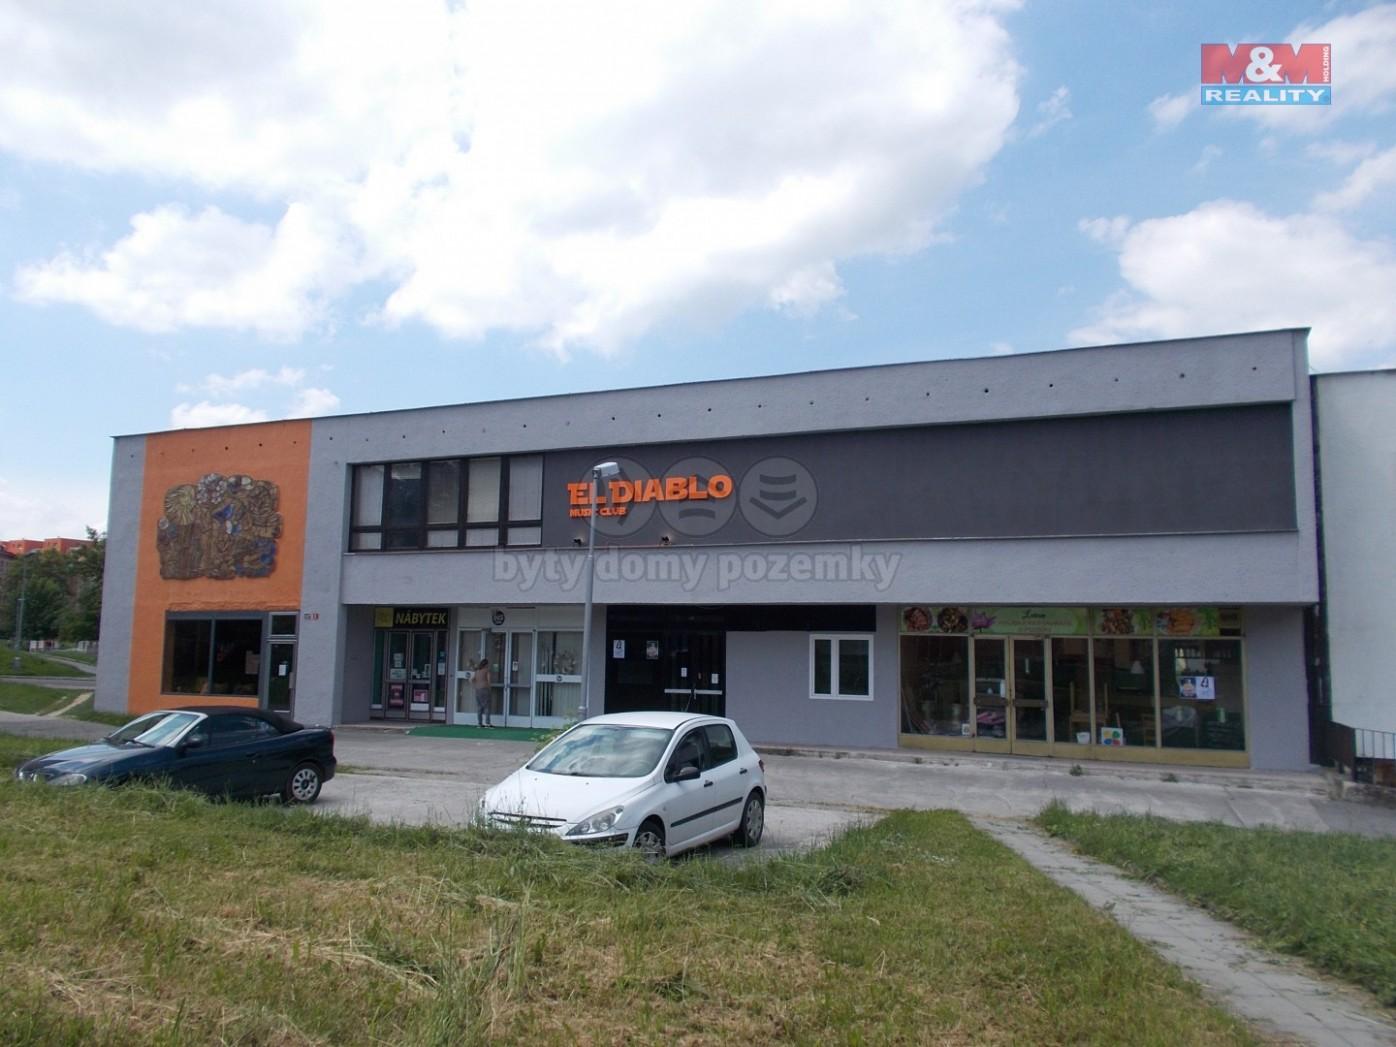 Shop for rent, Nový Jičín, Kopřivnice | M